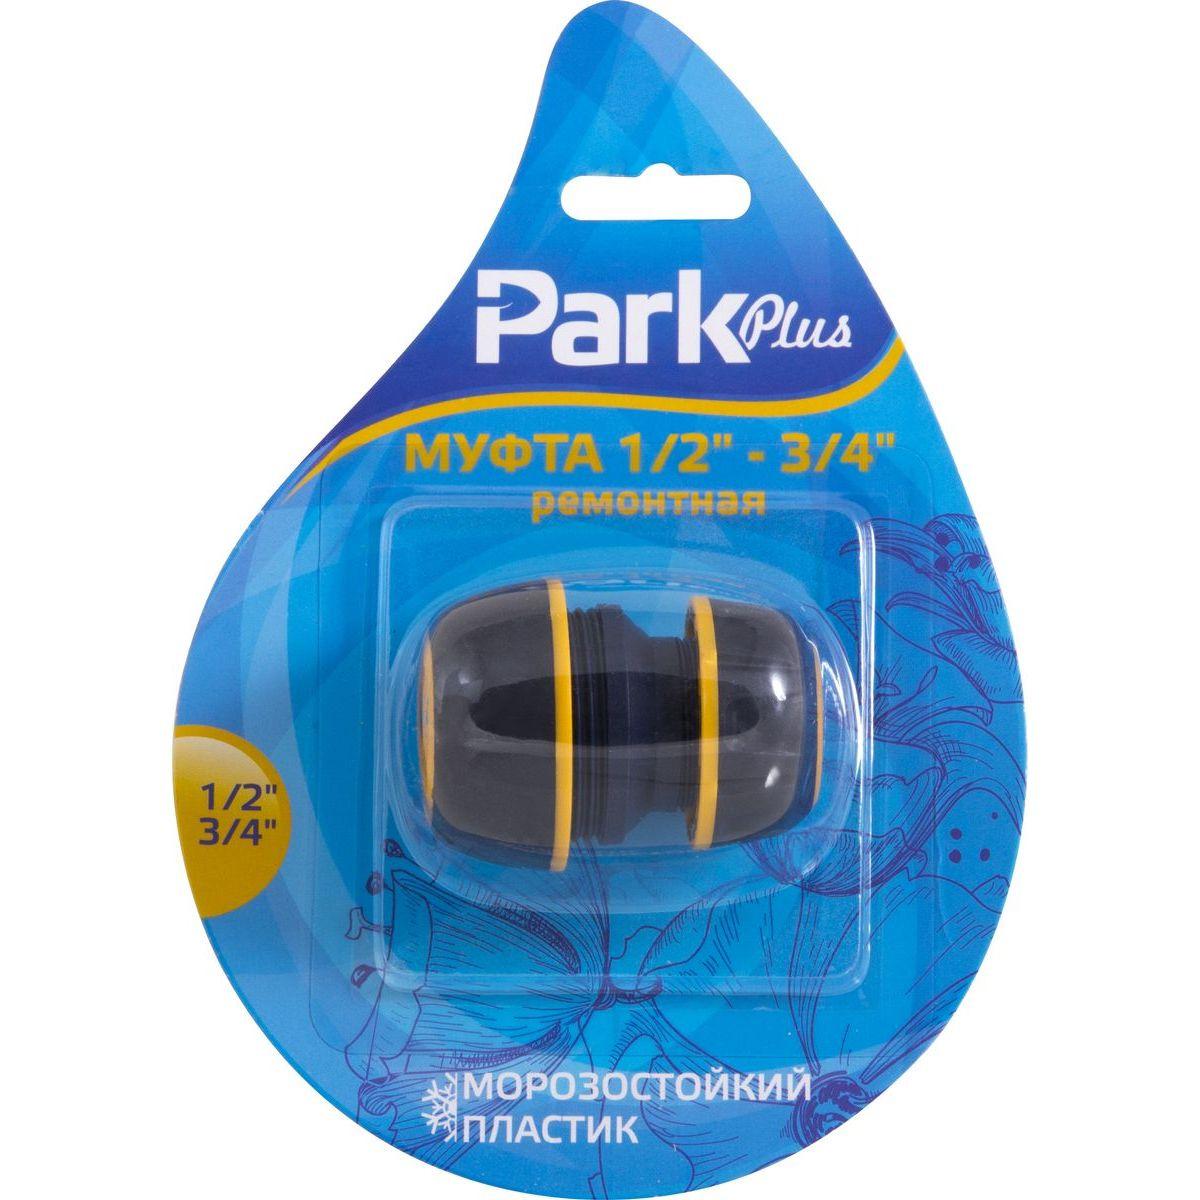 Муфта ремонтная Park 1/2-3/4, DY8026DL, зеленый, черный цена